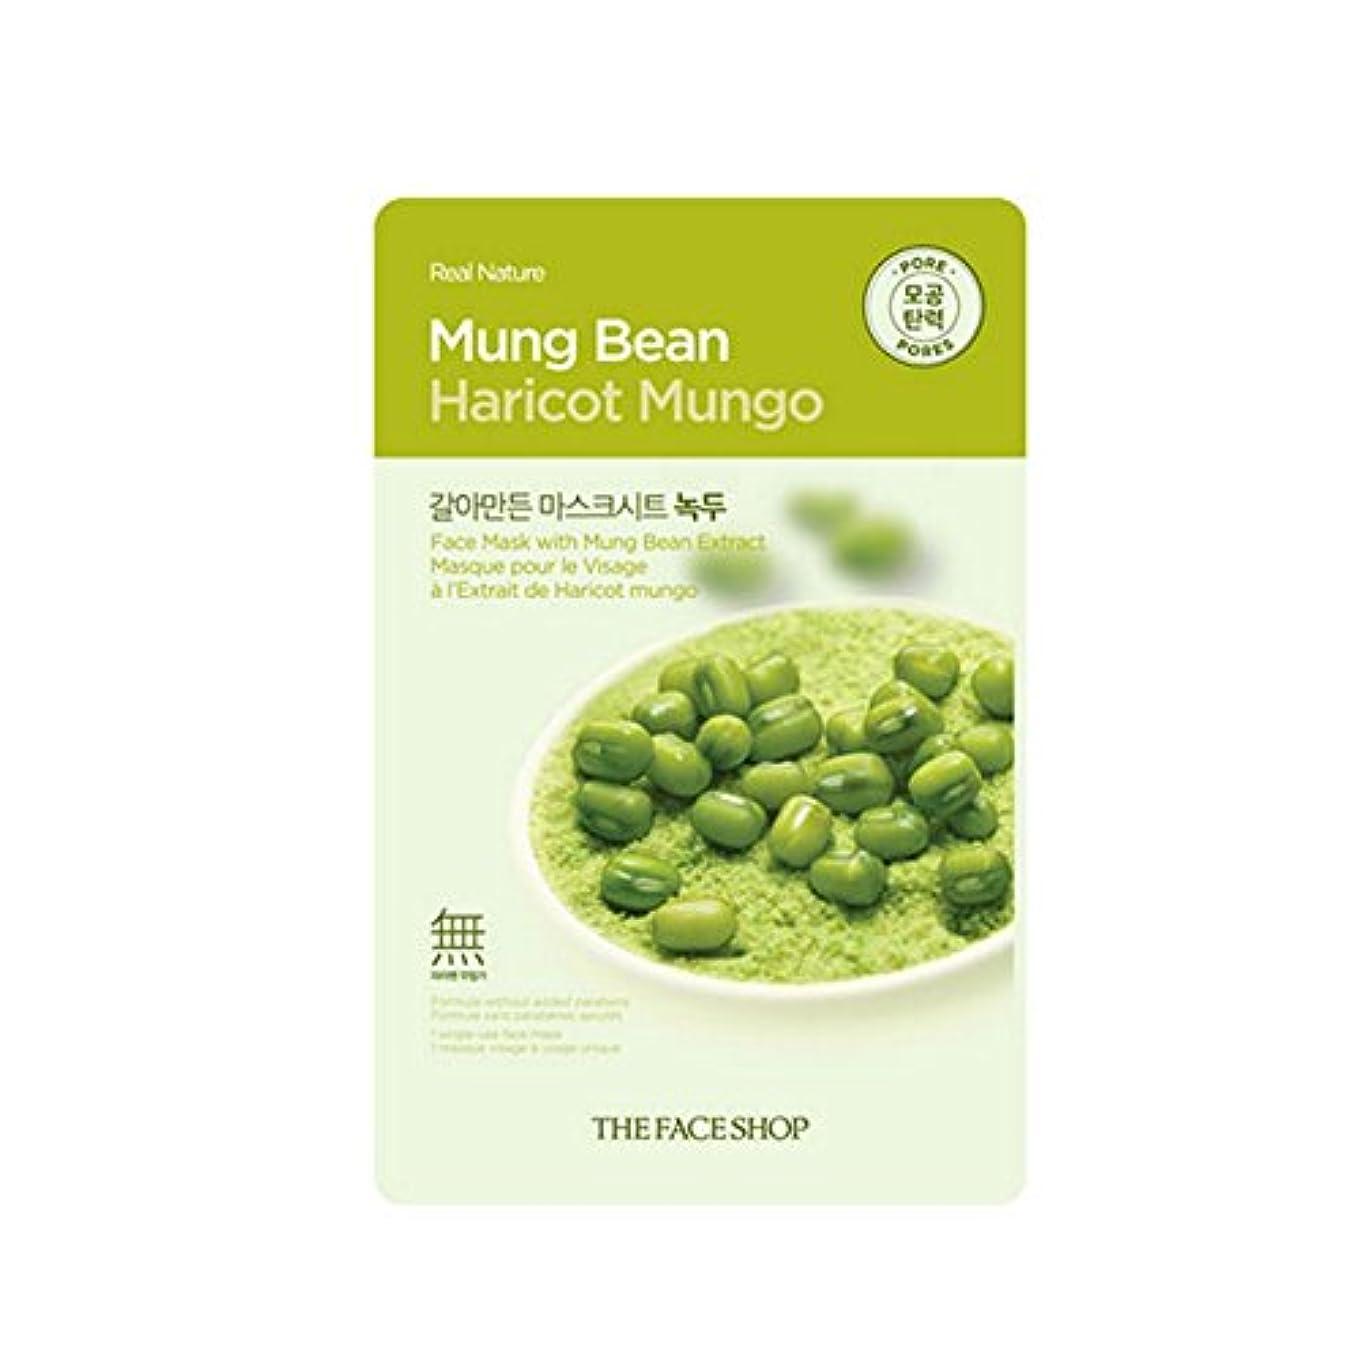 勝利したまっすぐにする検査官[The Face Shop] ザフェイスショップ リアルネイチャーマスクシート Real Nature Mask Sheet (Mung Bean (緑豆) 10個) [並行輸入品]